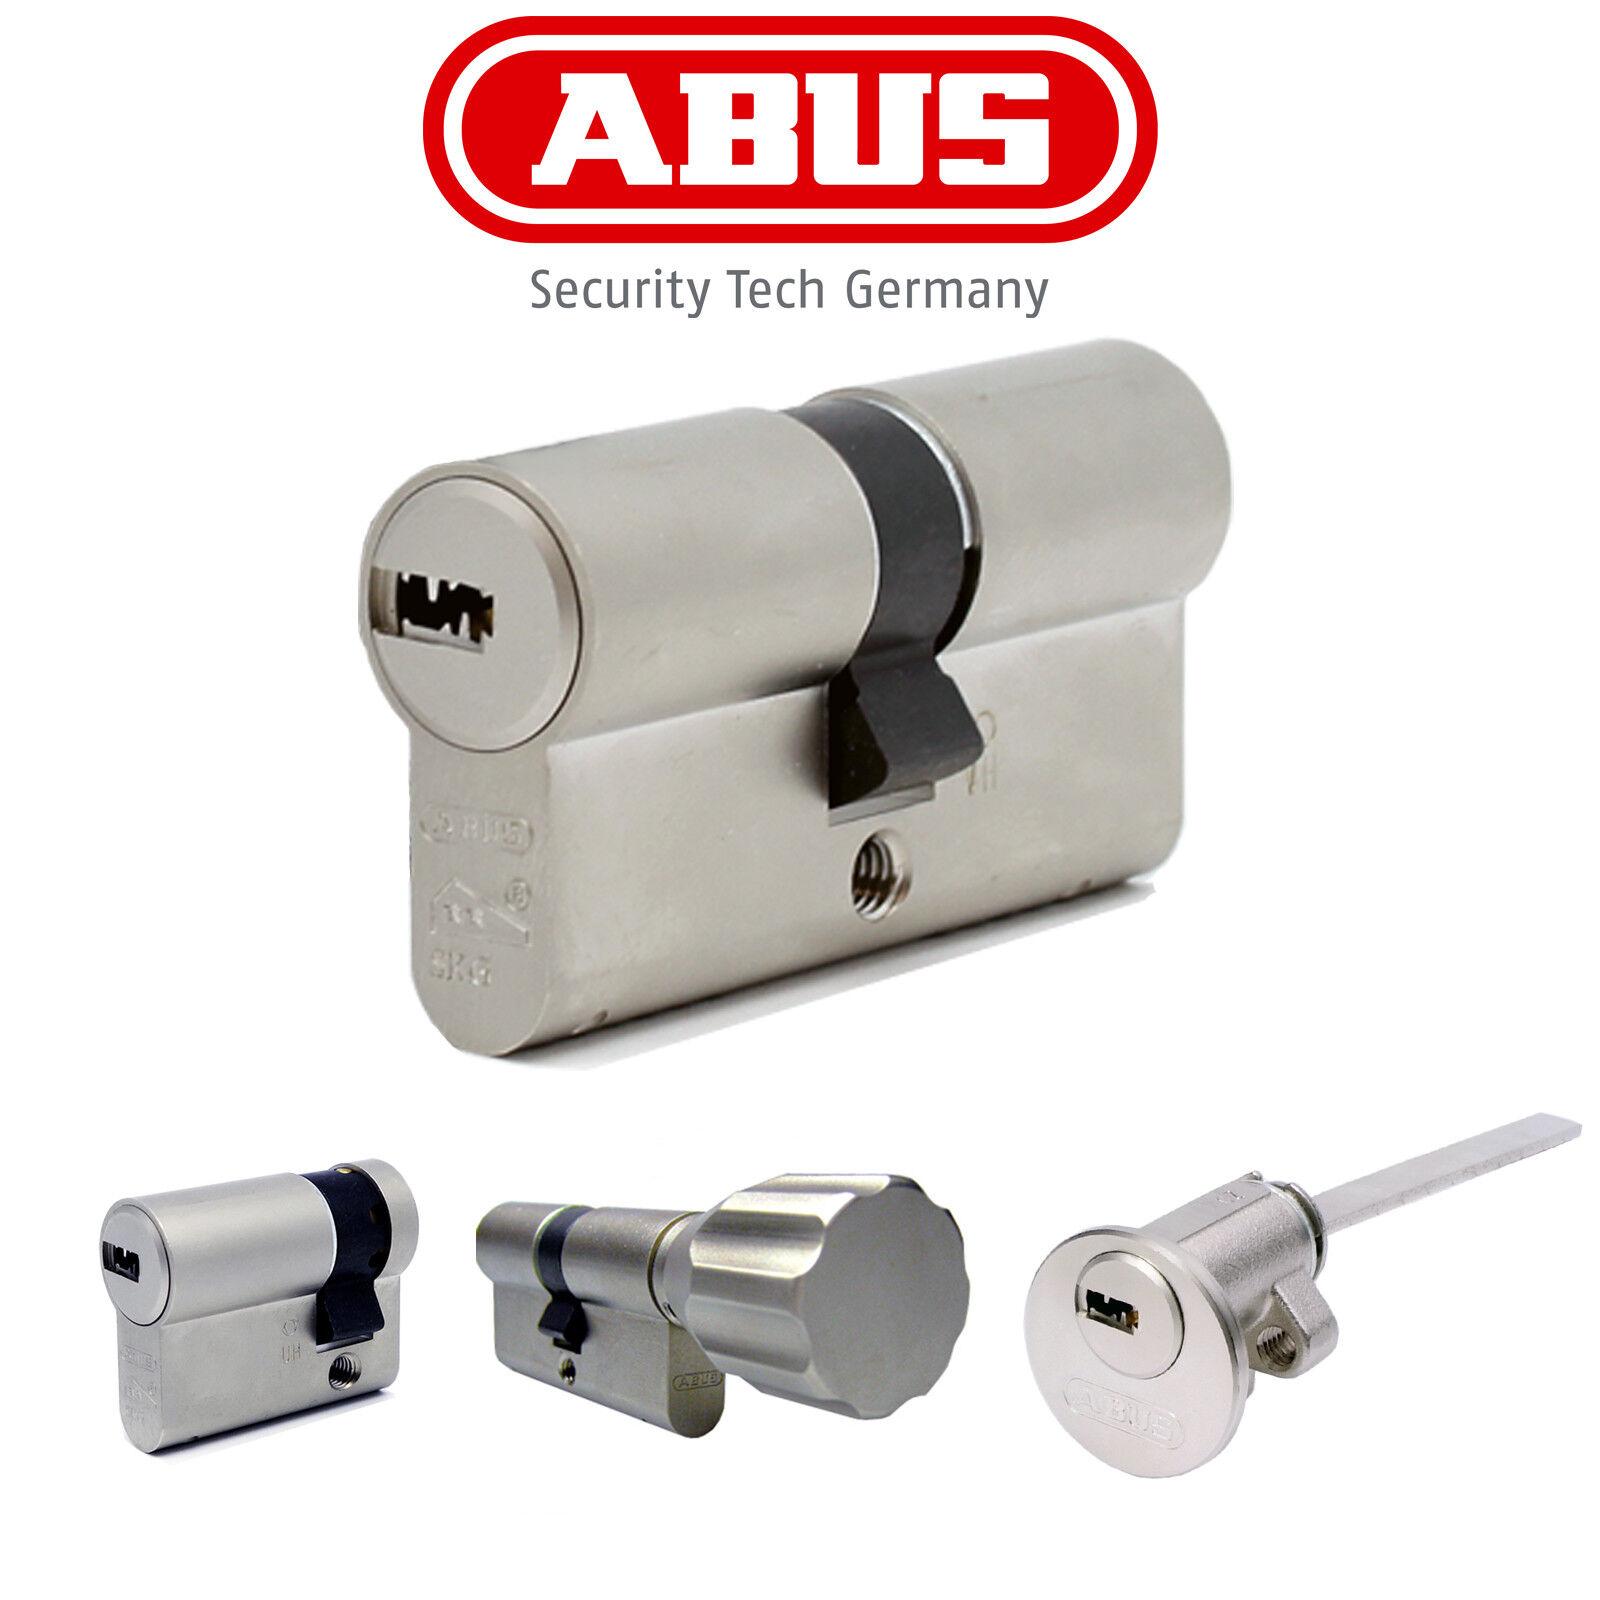 ABUS EC550 Profilzylinder gleichschließend Türzylinder 5 Schlüssel Schließanlage